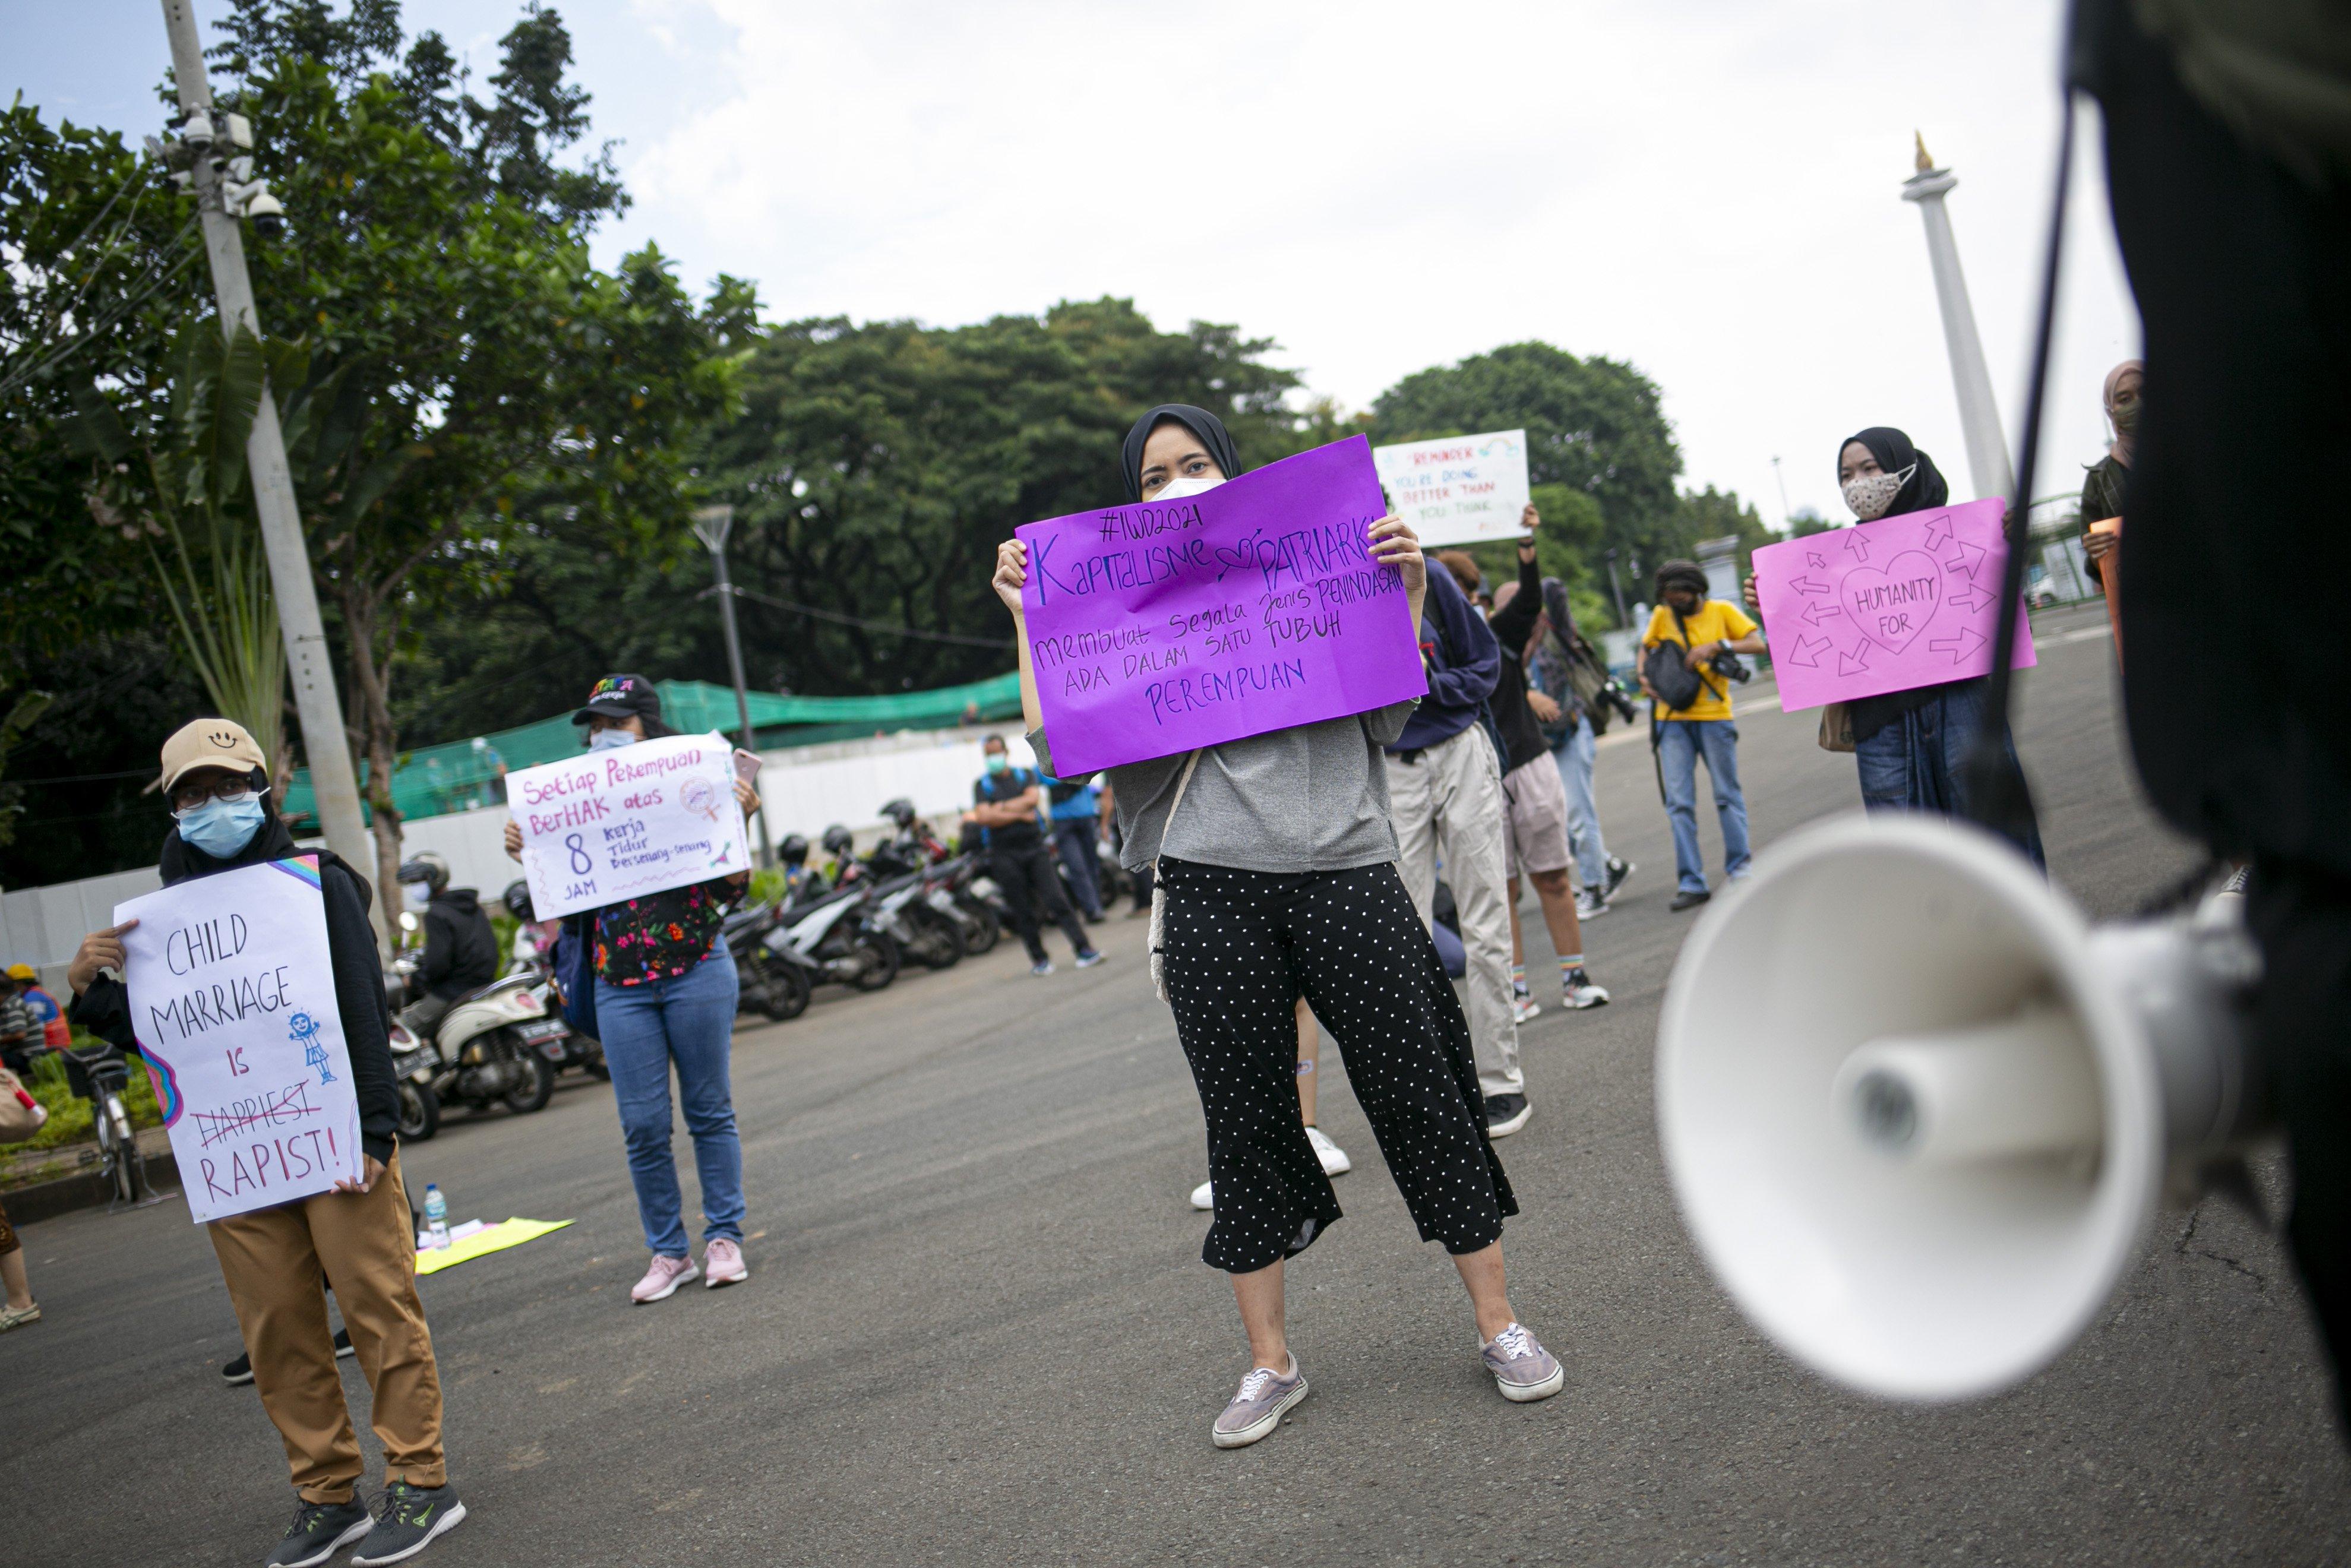 Sejumlah aktivis perempuan melakukan aksi unjuk rasa di Kawasan Patung Kuda Arjuna Wijaya, Senin (8/3/2021). Aksi tersebut dalam rangka memperingati Hari Perempuan Sedunia. Dalam aksinya mereka meminta pemerintah mengakui kekeresan seksual sebagai pelanggaran HAM, Cabut UU Cipta Kerja serta sahkan RUU PKS dan RUU PPRT.